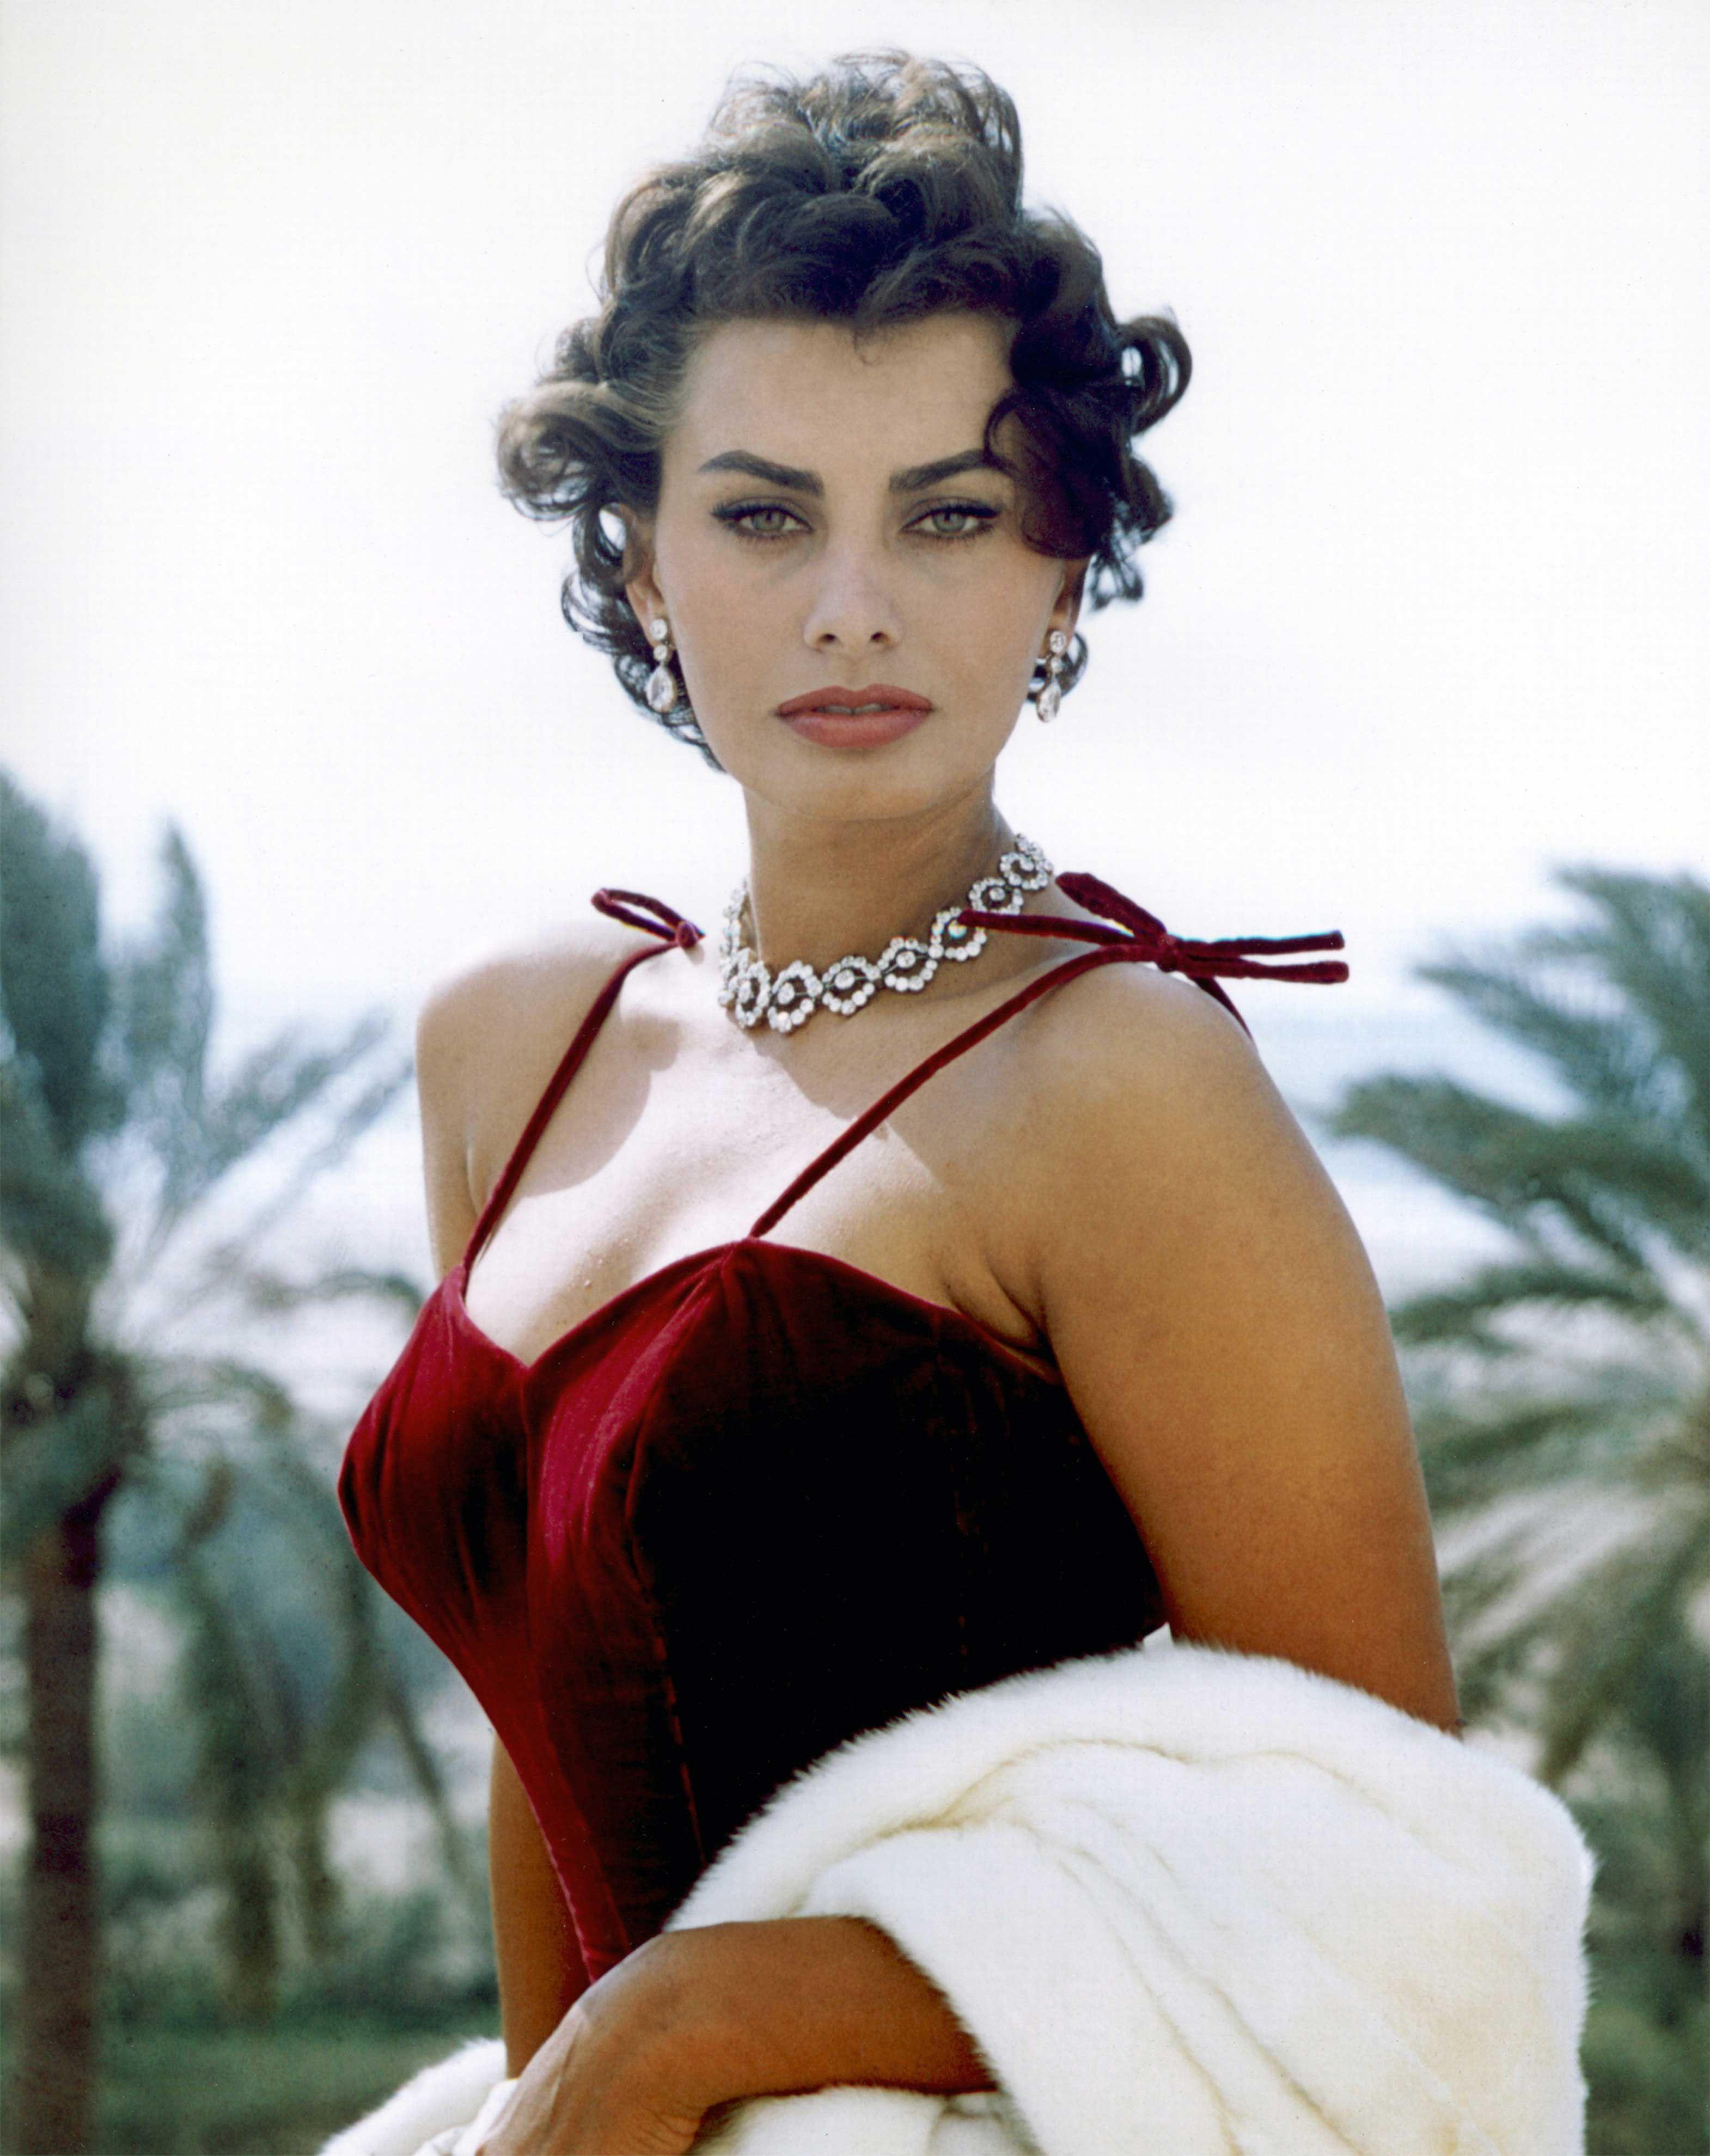 The Inspiring Evolution of Sophia Loren